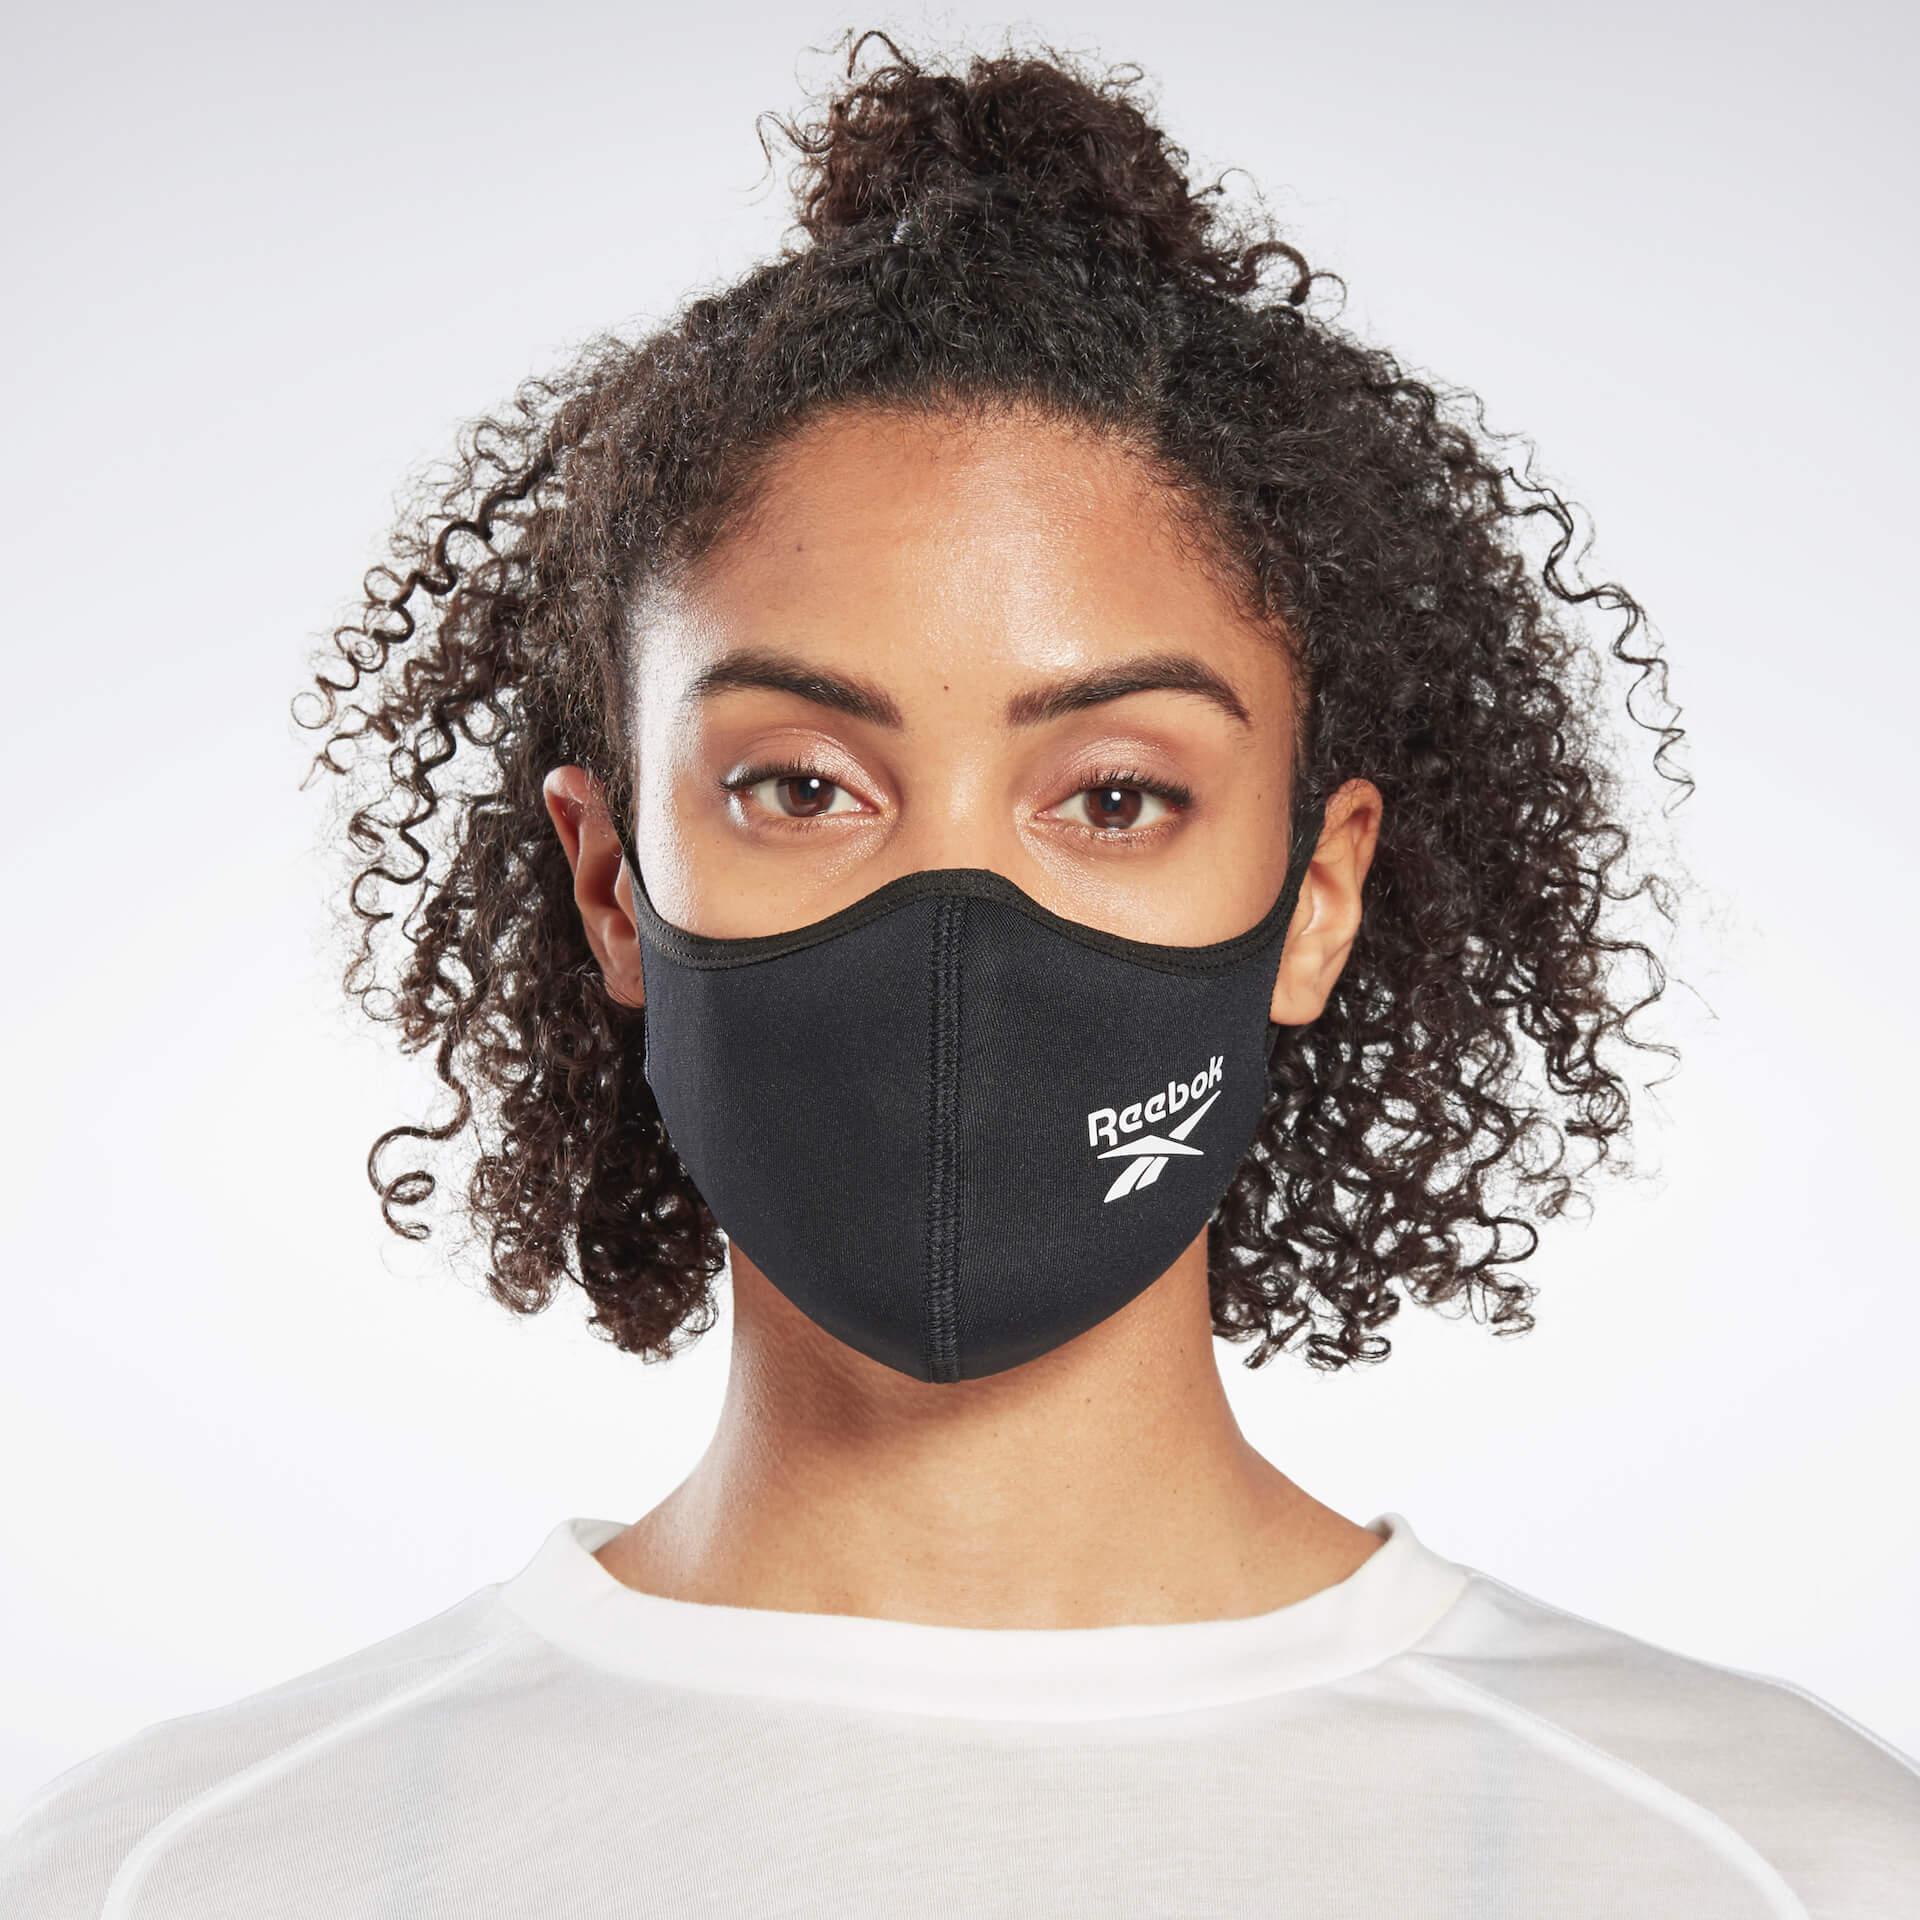 発売開始数時間で即完売したリーボックフェイスカバーが再販決定!本日より直営店にて先行販売が開始 fashion20123_reebok_mask_4